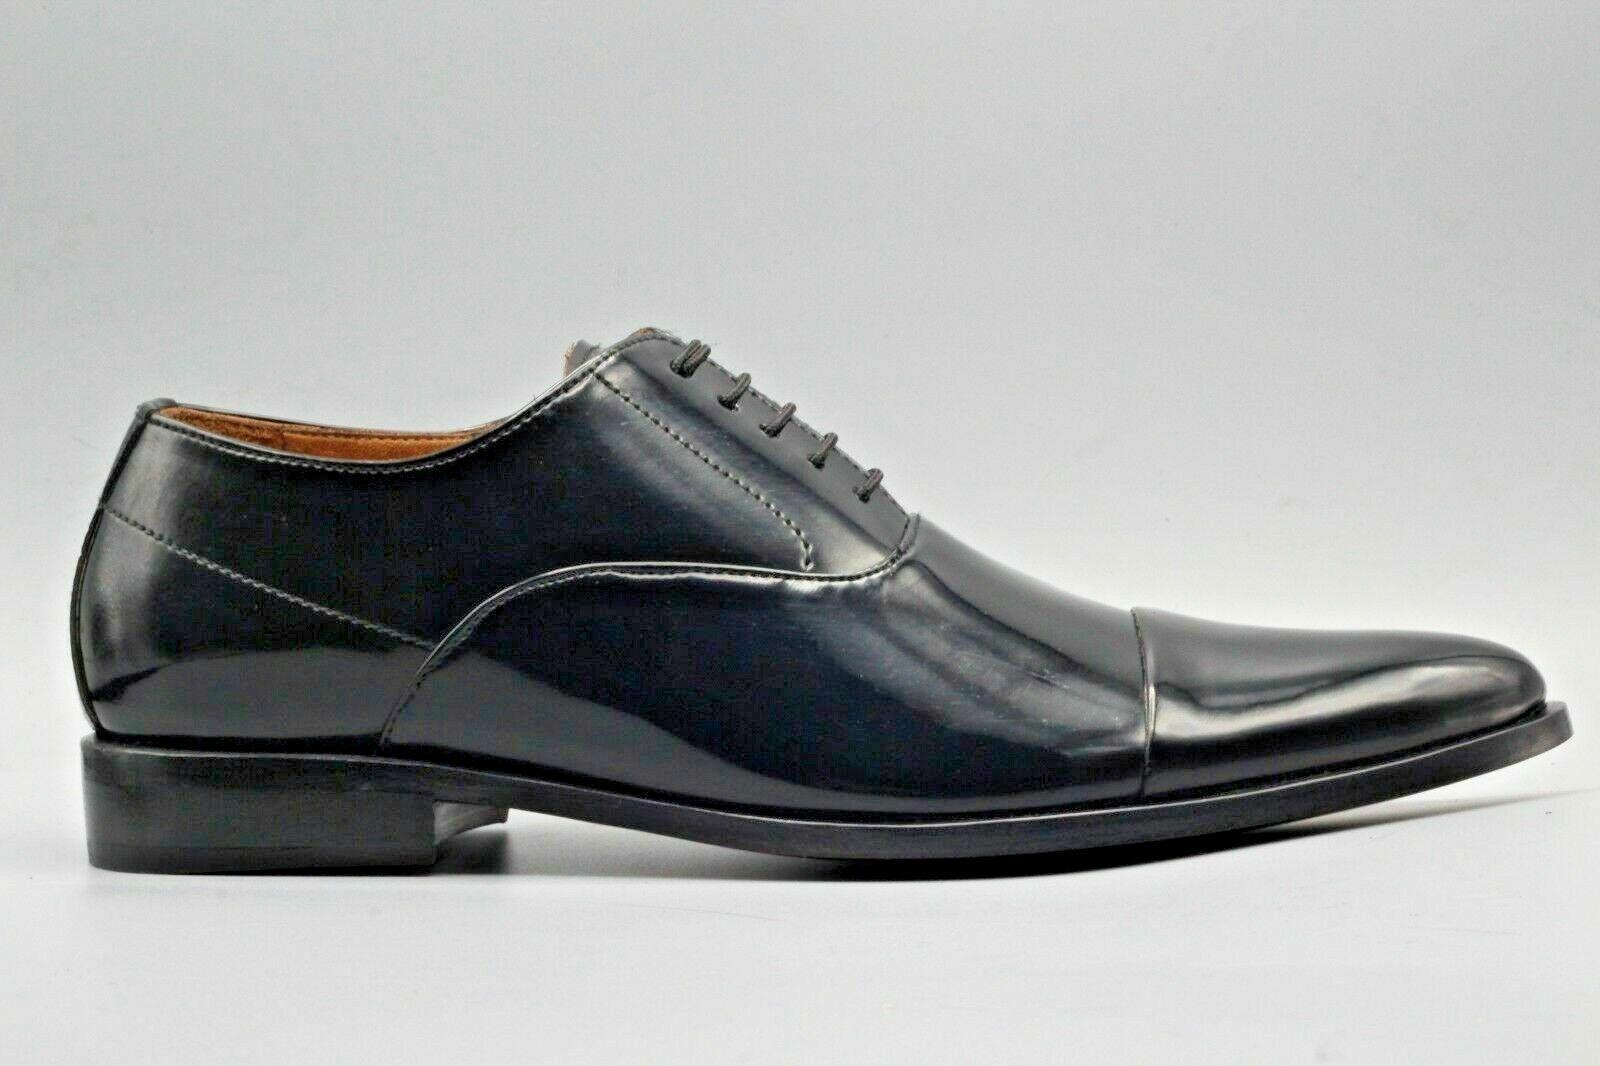 Hecho a mano para hombres Genuino Charol Negro puntera Oxford Zapatos Con Cordones